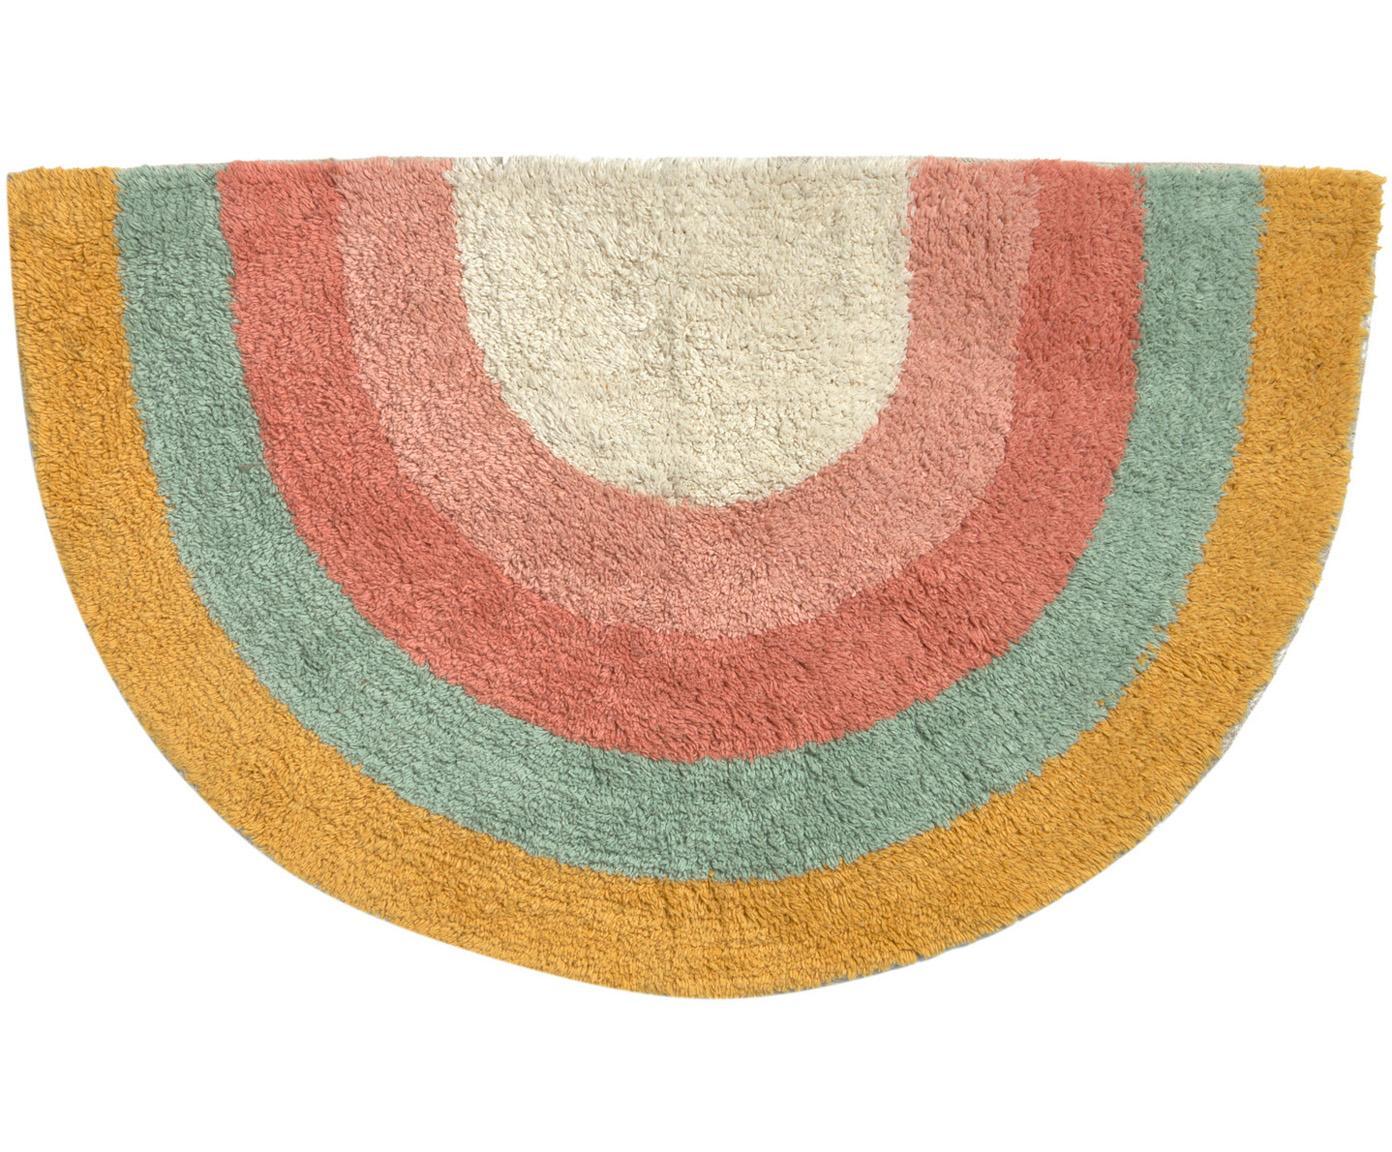 Tappeto bagno design arcobaleno Arco, 100% cotone, Multicolore, Larg. 80 x Lung. 45 cm